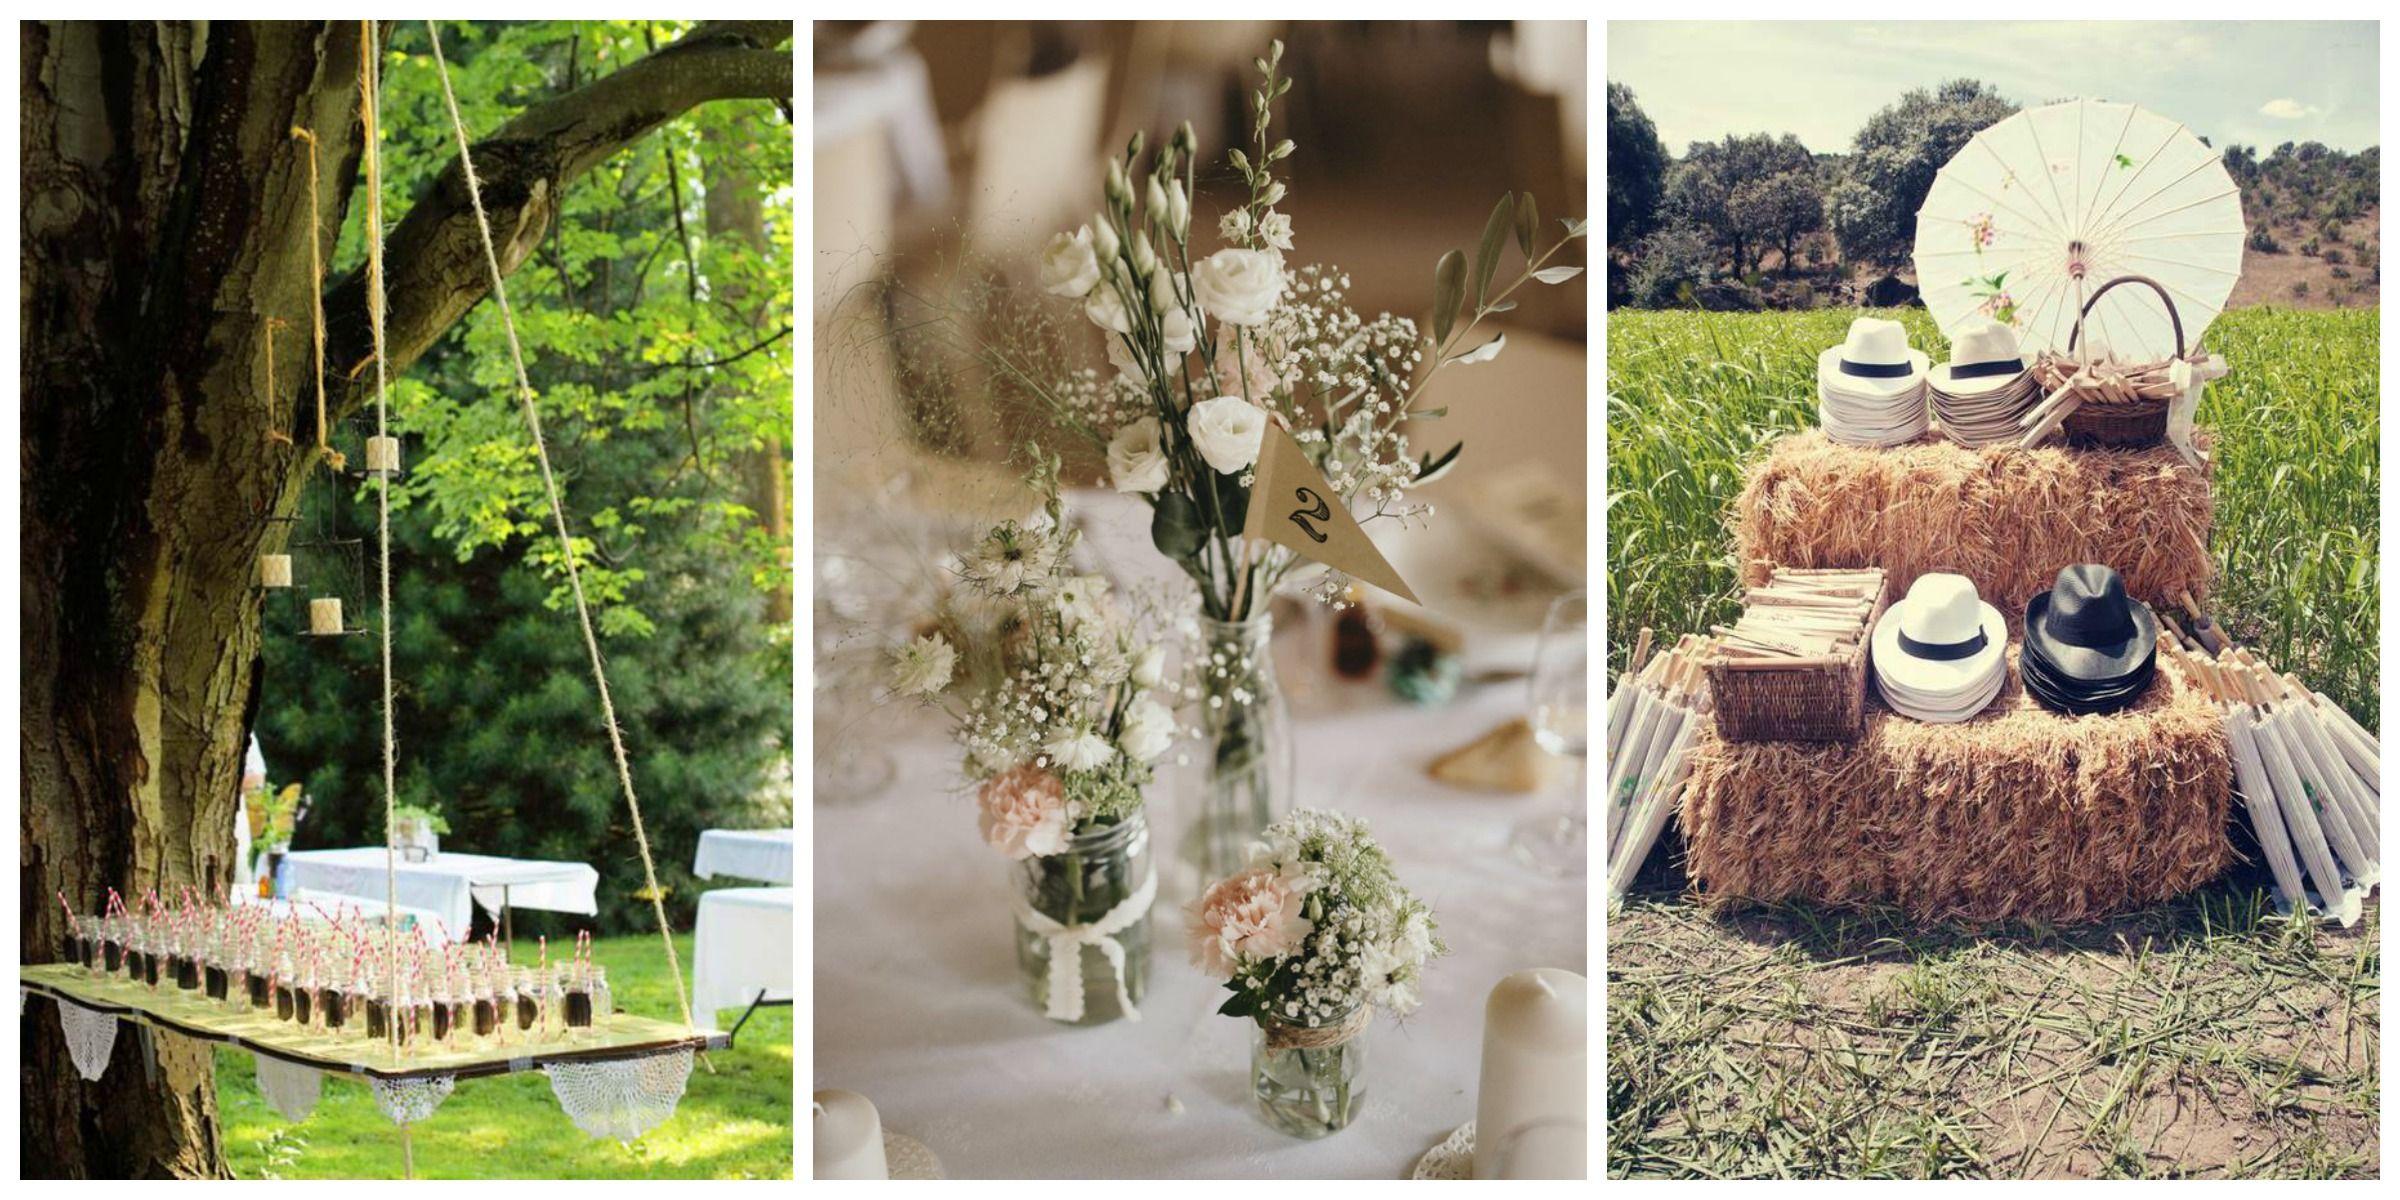 Assez Idée décoration mariage champetre - Mariage Toulouse OG83